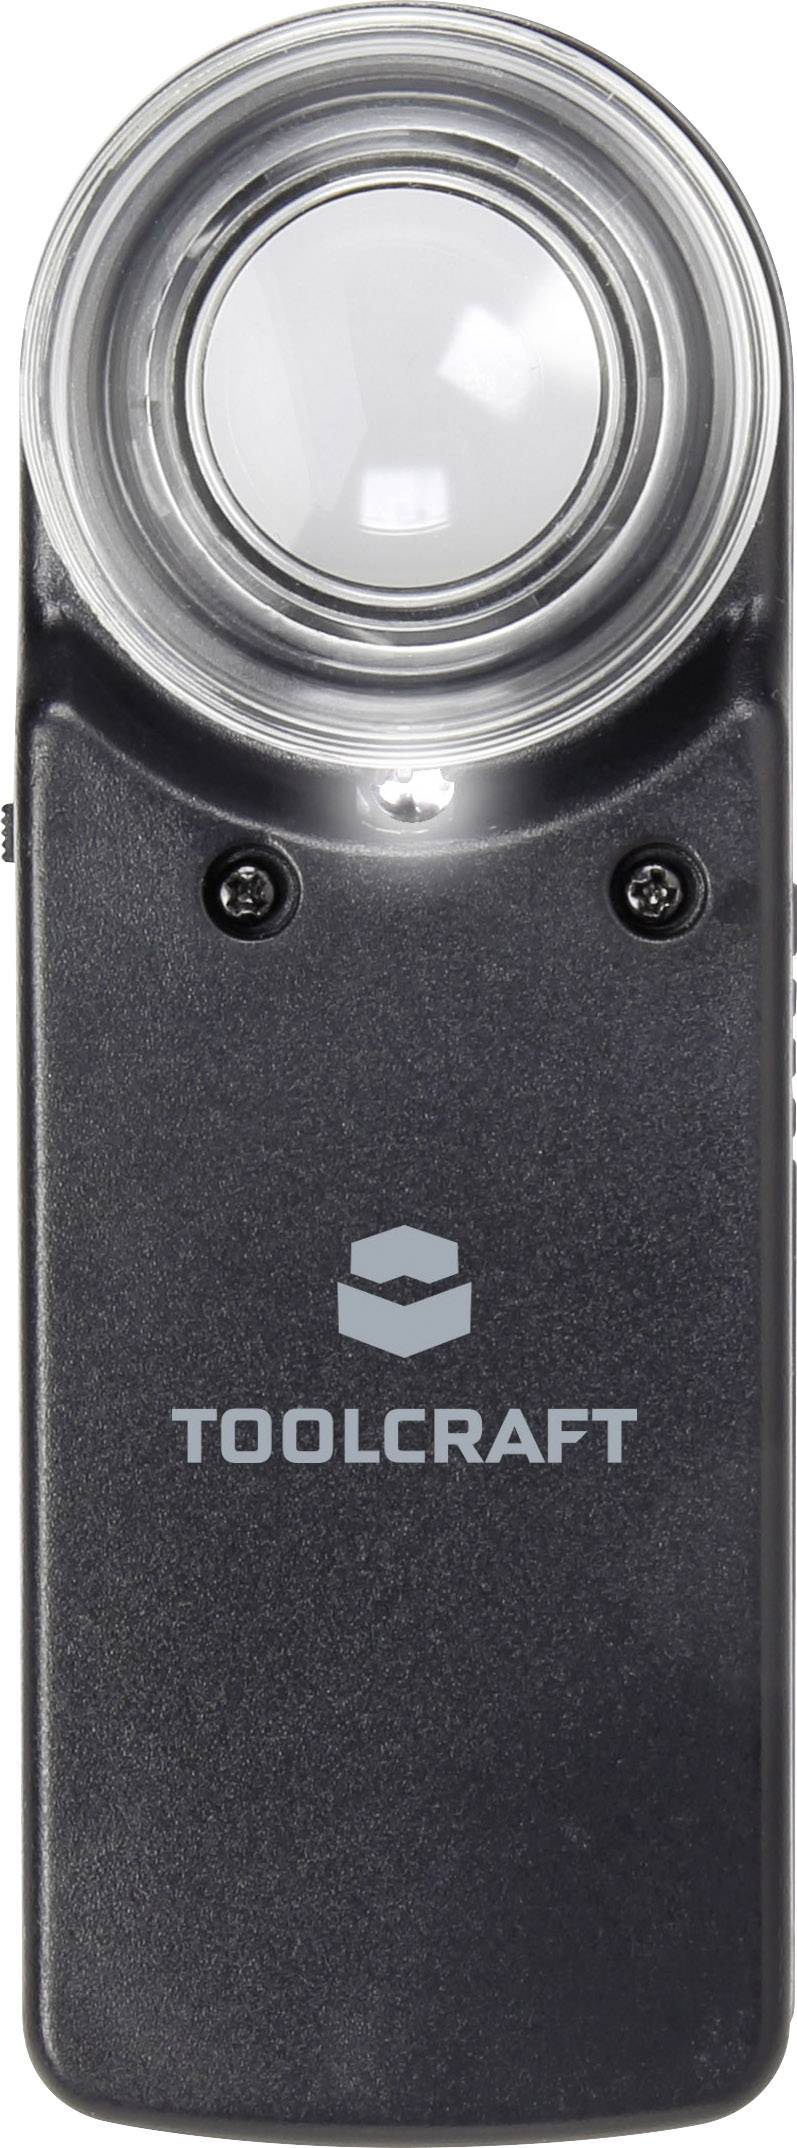 Ruční lupa s osvětlením Toolcraft, zvětšení 15x, Ø 20 mm